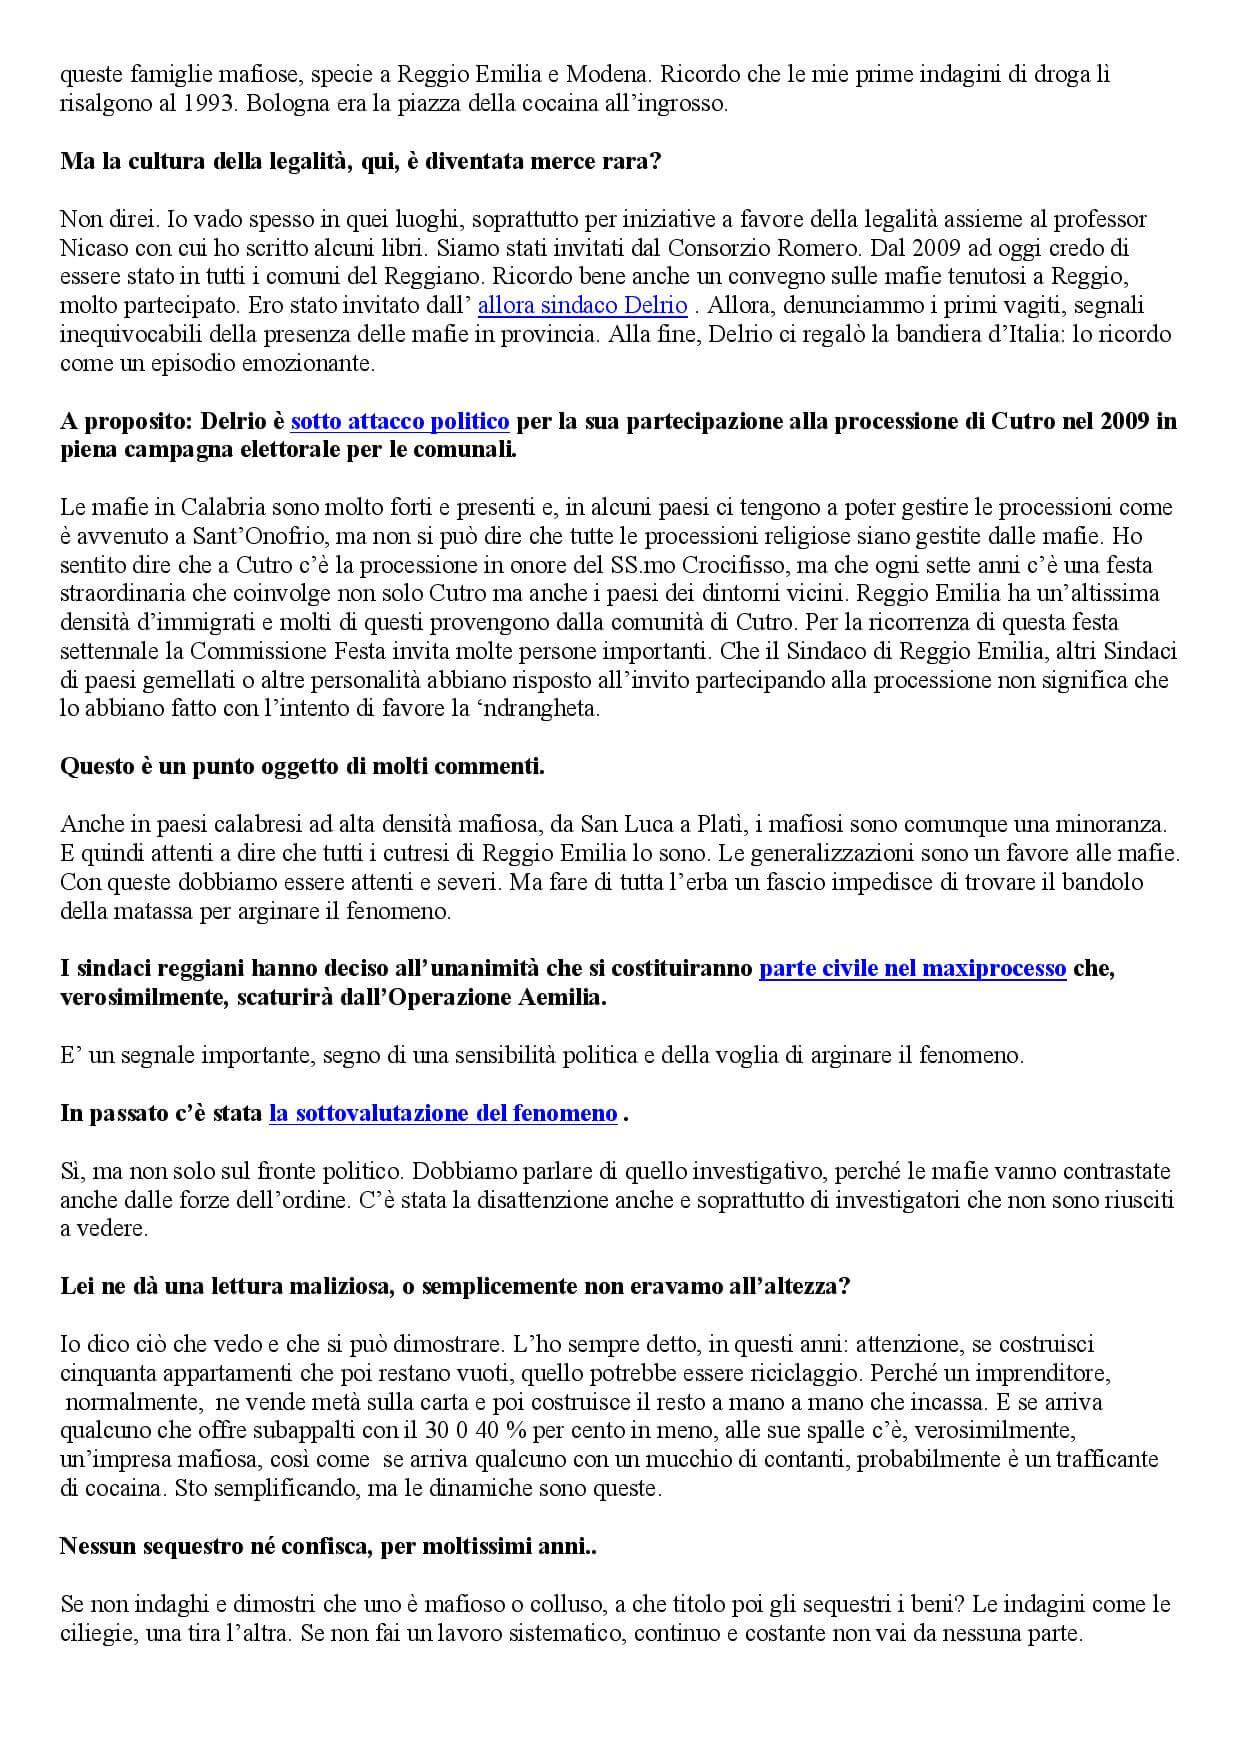 1_2_15_gdr_gratteri-page-002_t